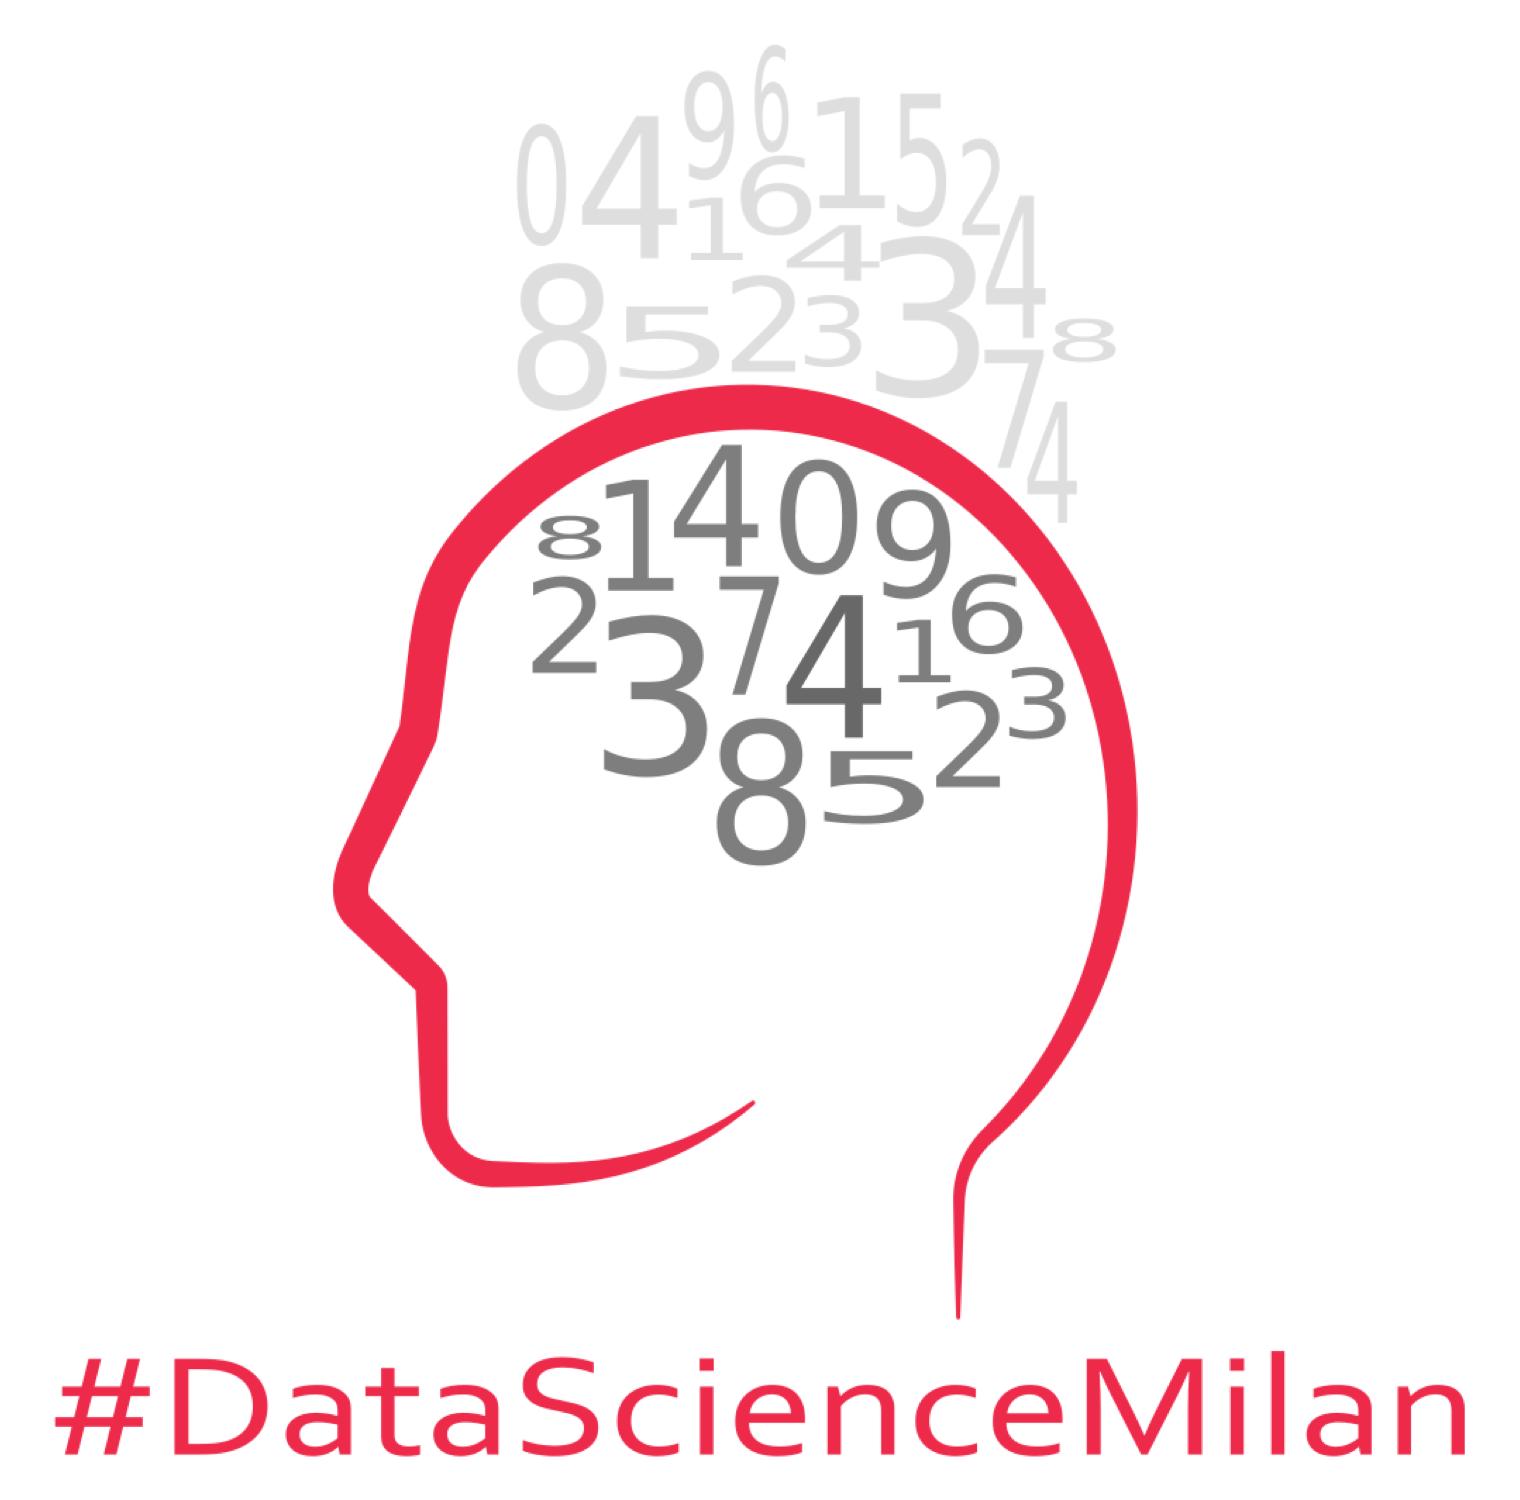 Data Science Milan